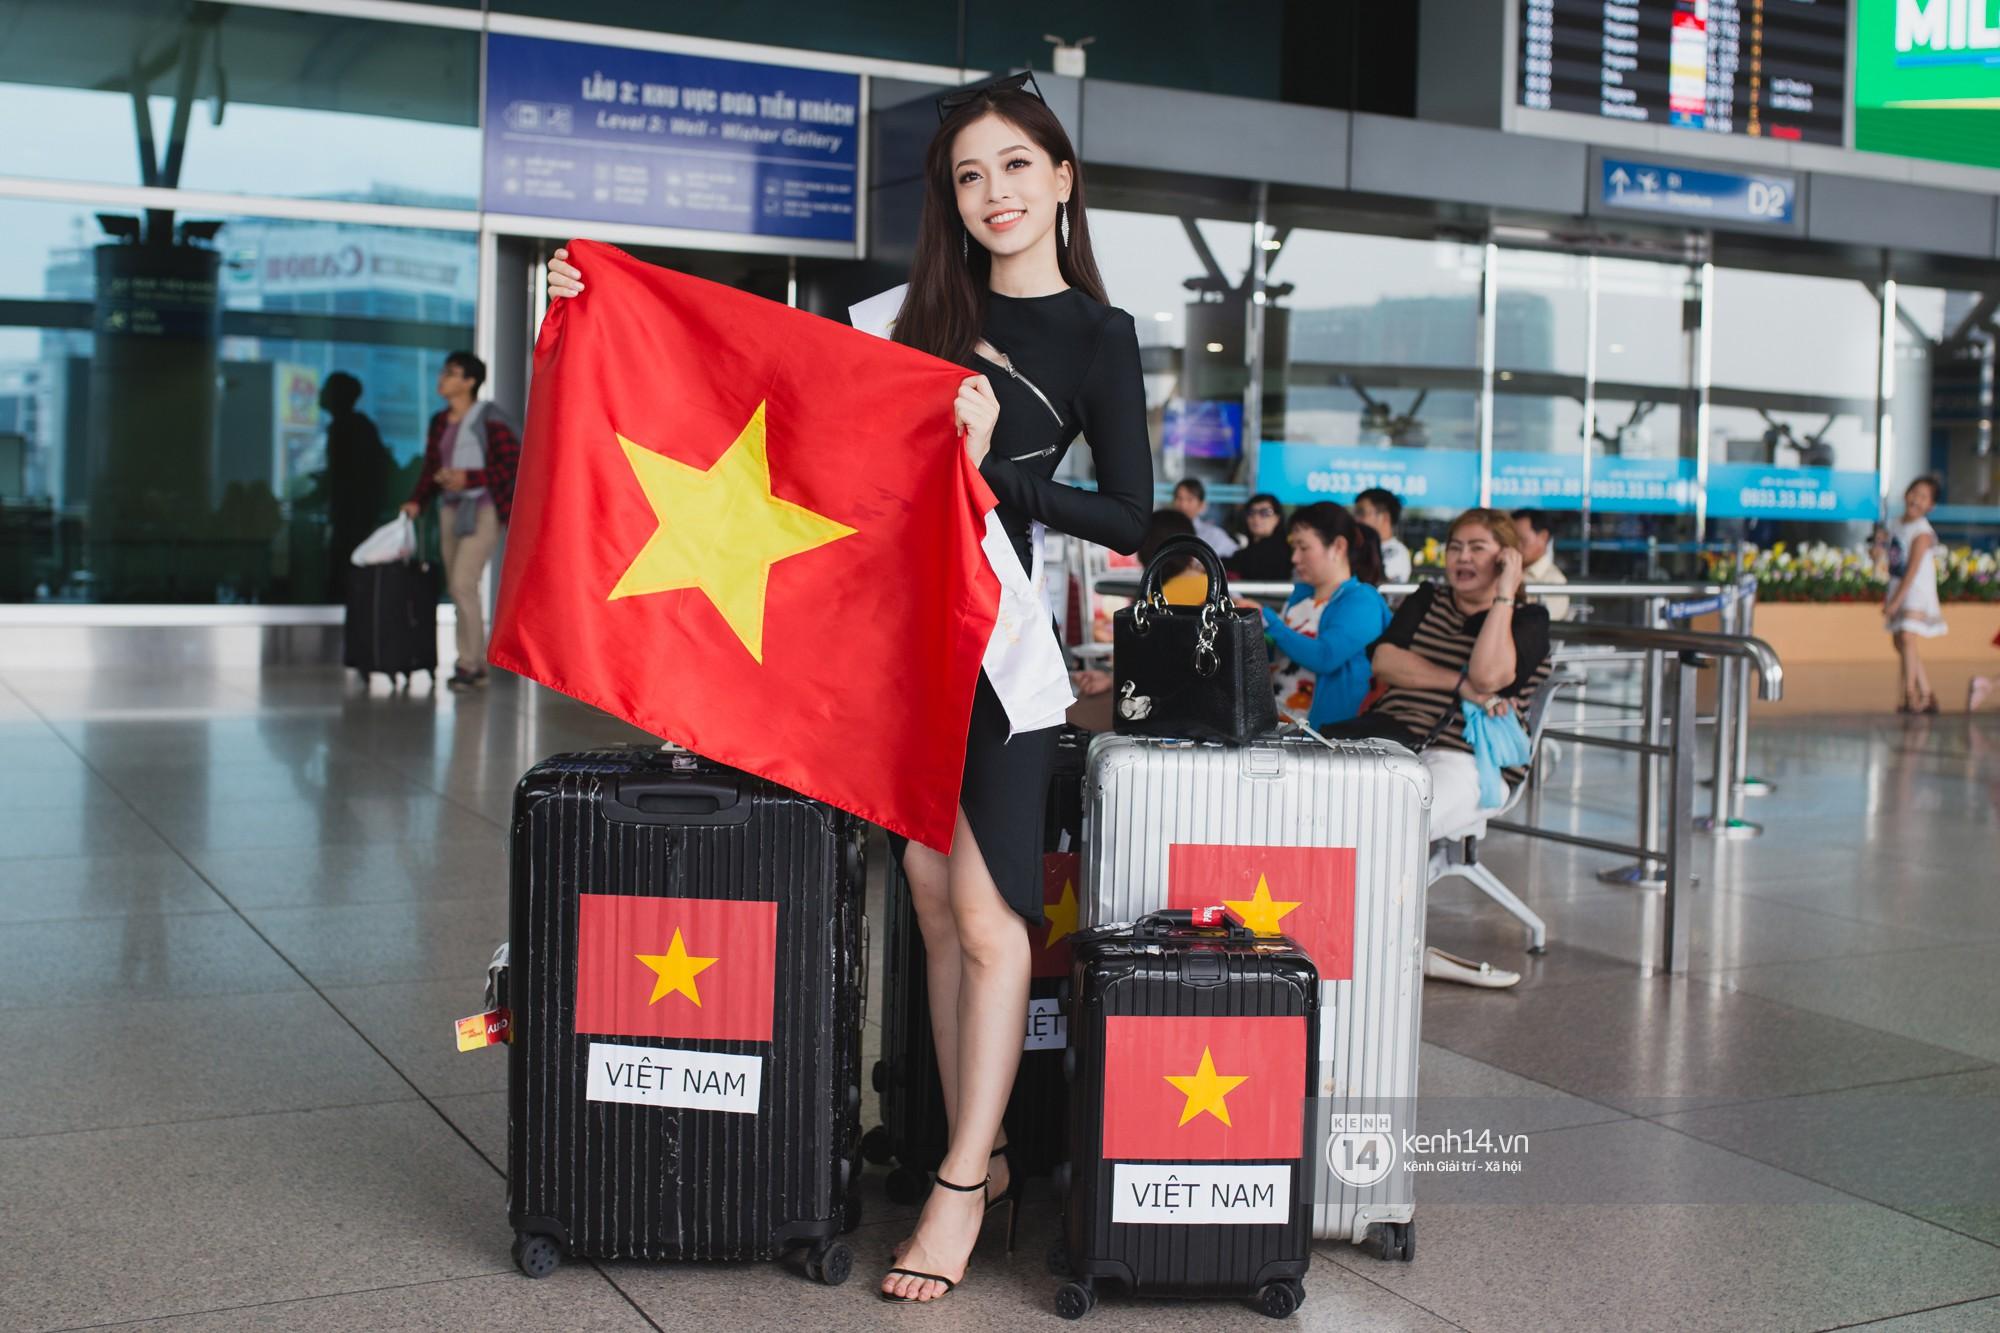 Vừa trở về từ Pháp tức thì, Trần Tiểu Vy ở lại sân bay tiễn Bùi Phương Nga đi Myanmar tham dự Hoa hậu Hoà bình Quốc tế - Ảnh 2.